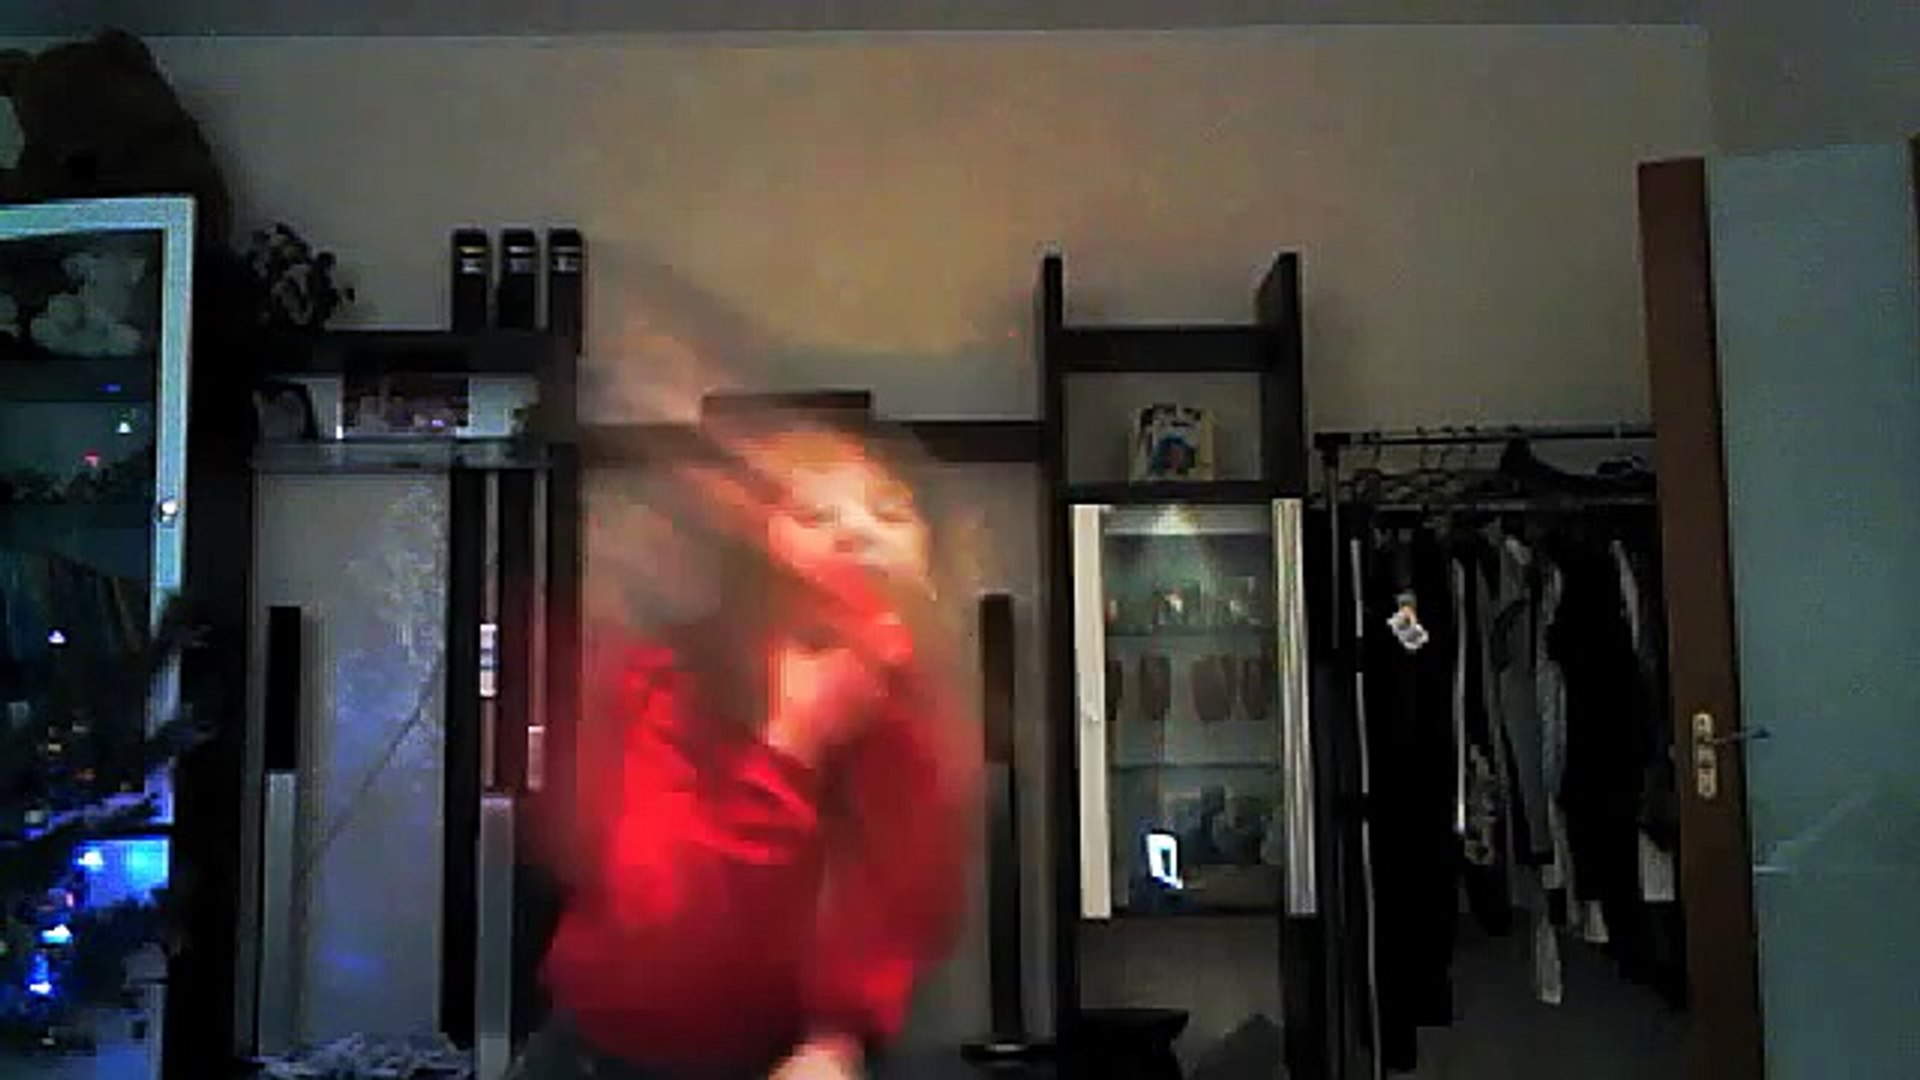 Видео с веб-камеры. Дата: 30 декабря 2013 г., 22:37.